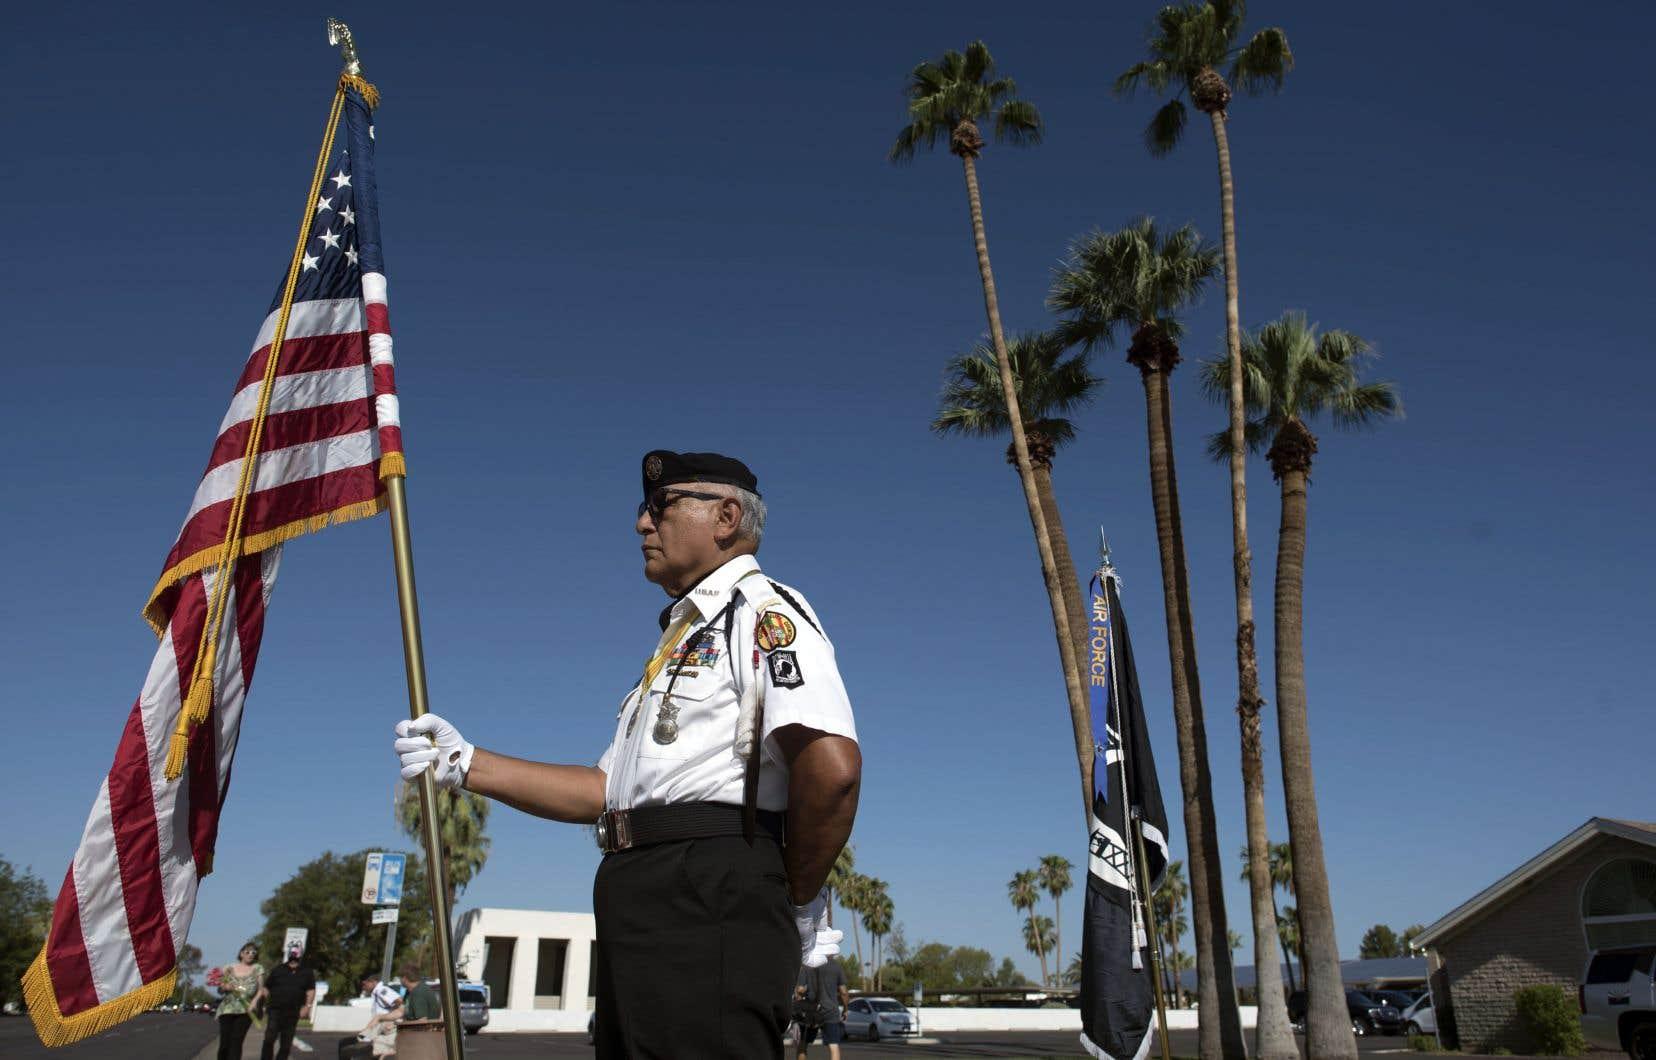 La garde d'honneur David Carrasco, 78 ans, porte le drapeau américain devant la morgue A.L. Moore-Grimshaw à Phoenix, en Arizona, où la dépuille du défunt sénateur John McCain est actuellement détenue, le 26 août 2018.